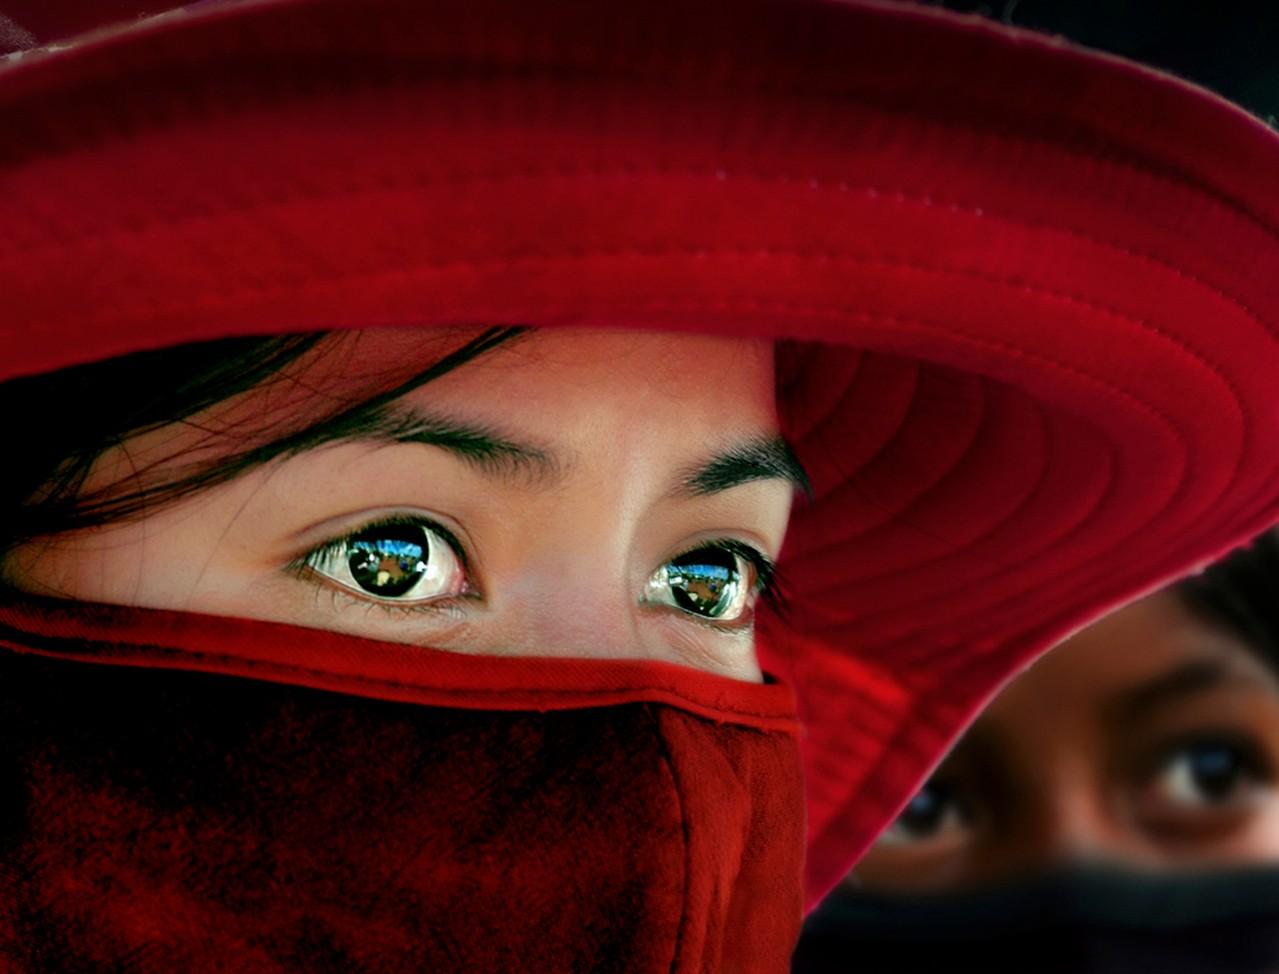 Premfoto 2012 - Tien-Ho Anh (Vietnam) - Pleiku`s Eyes - Ochii lui Pleiku